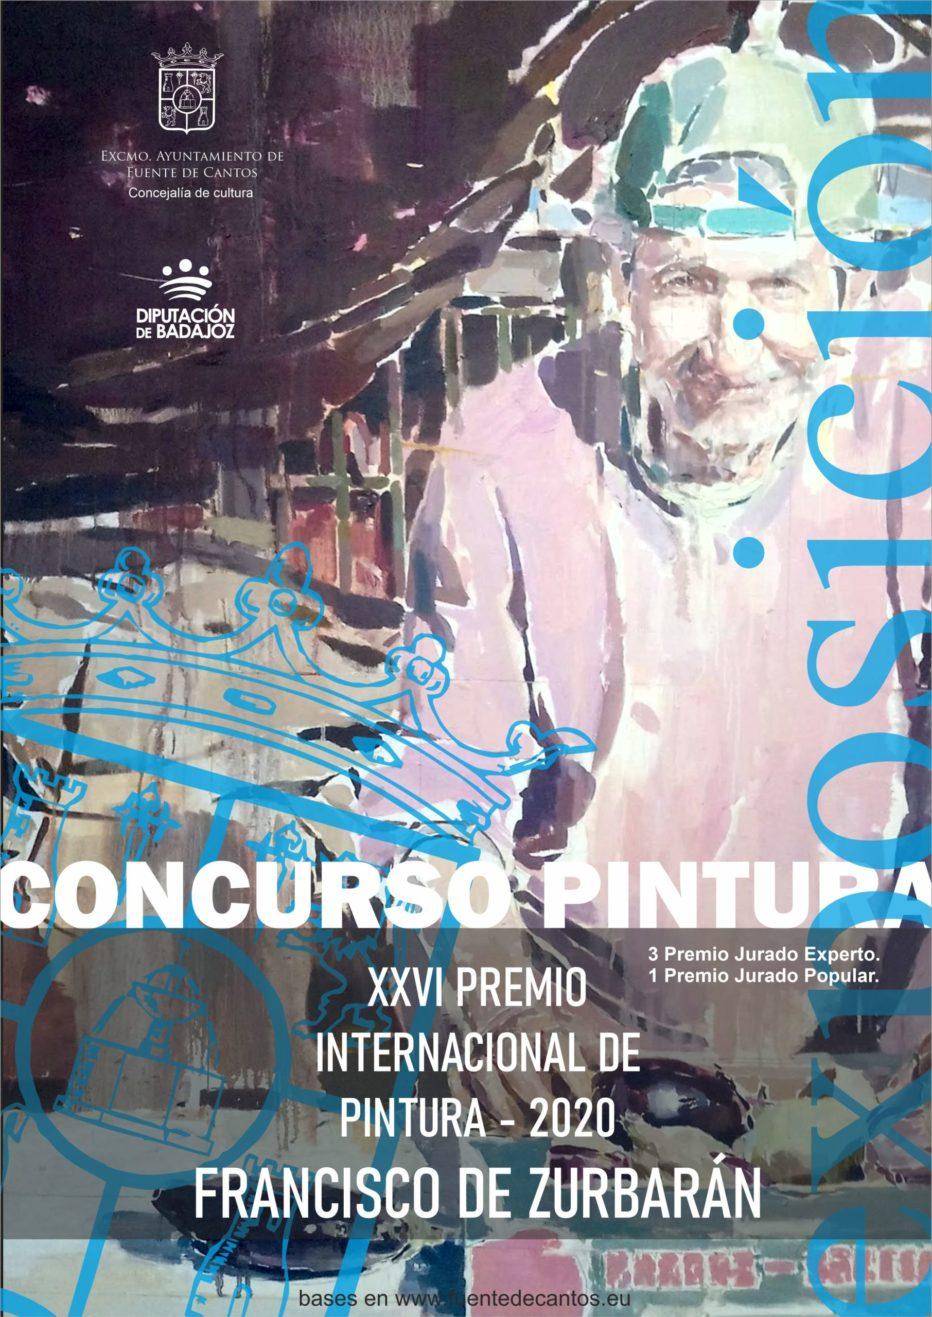 XXVI PREMIO INTERNACIONAL DE PINTURA FRANCISCO DE ZURBARÁN